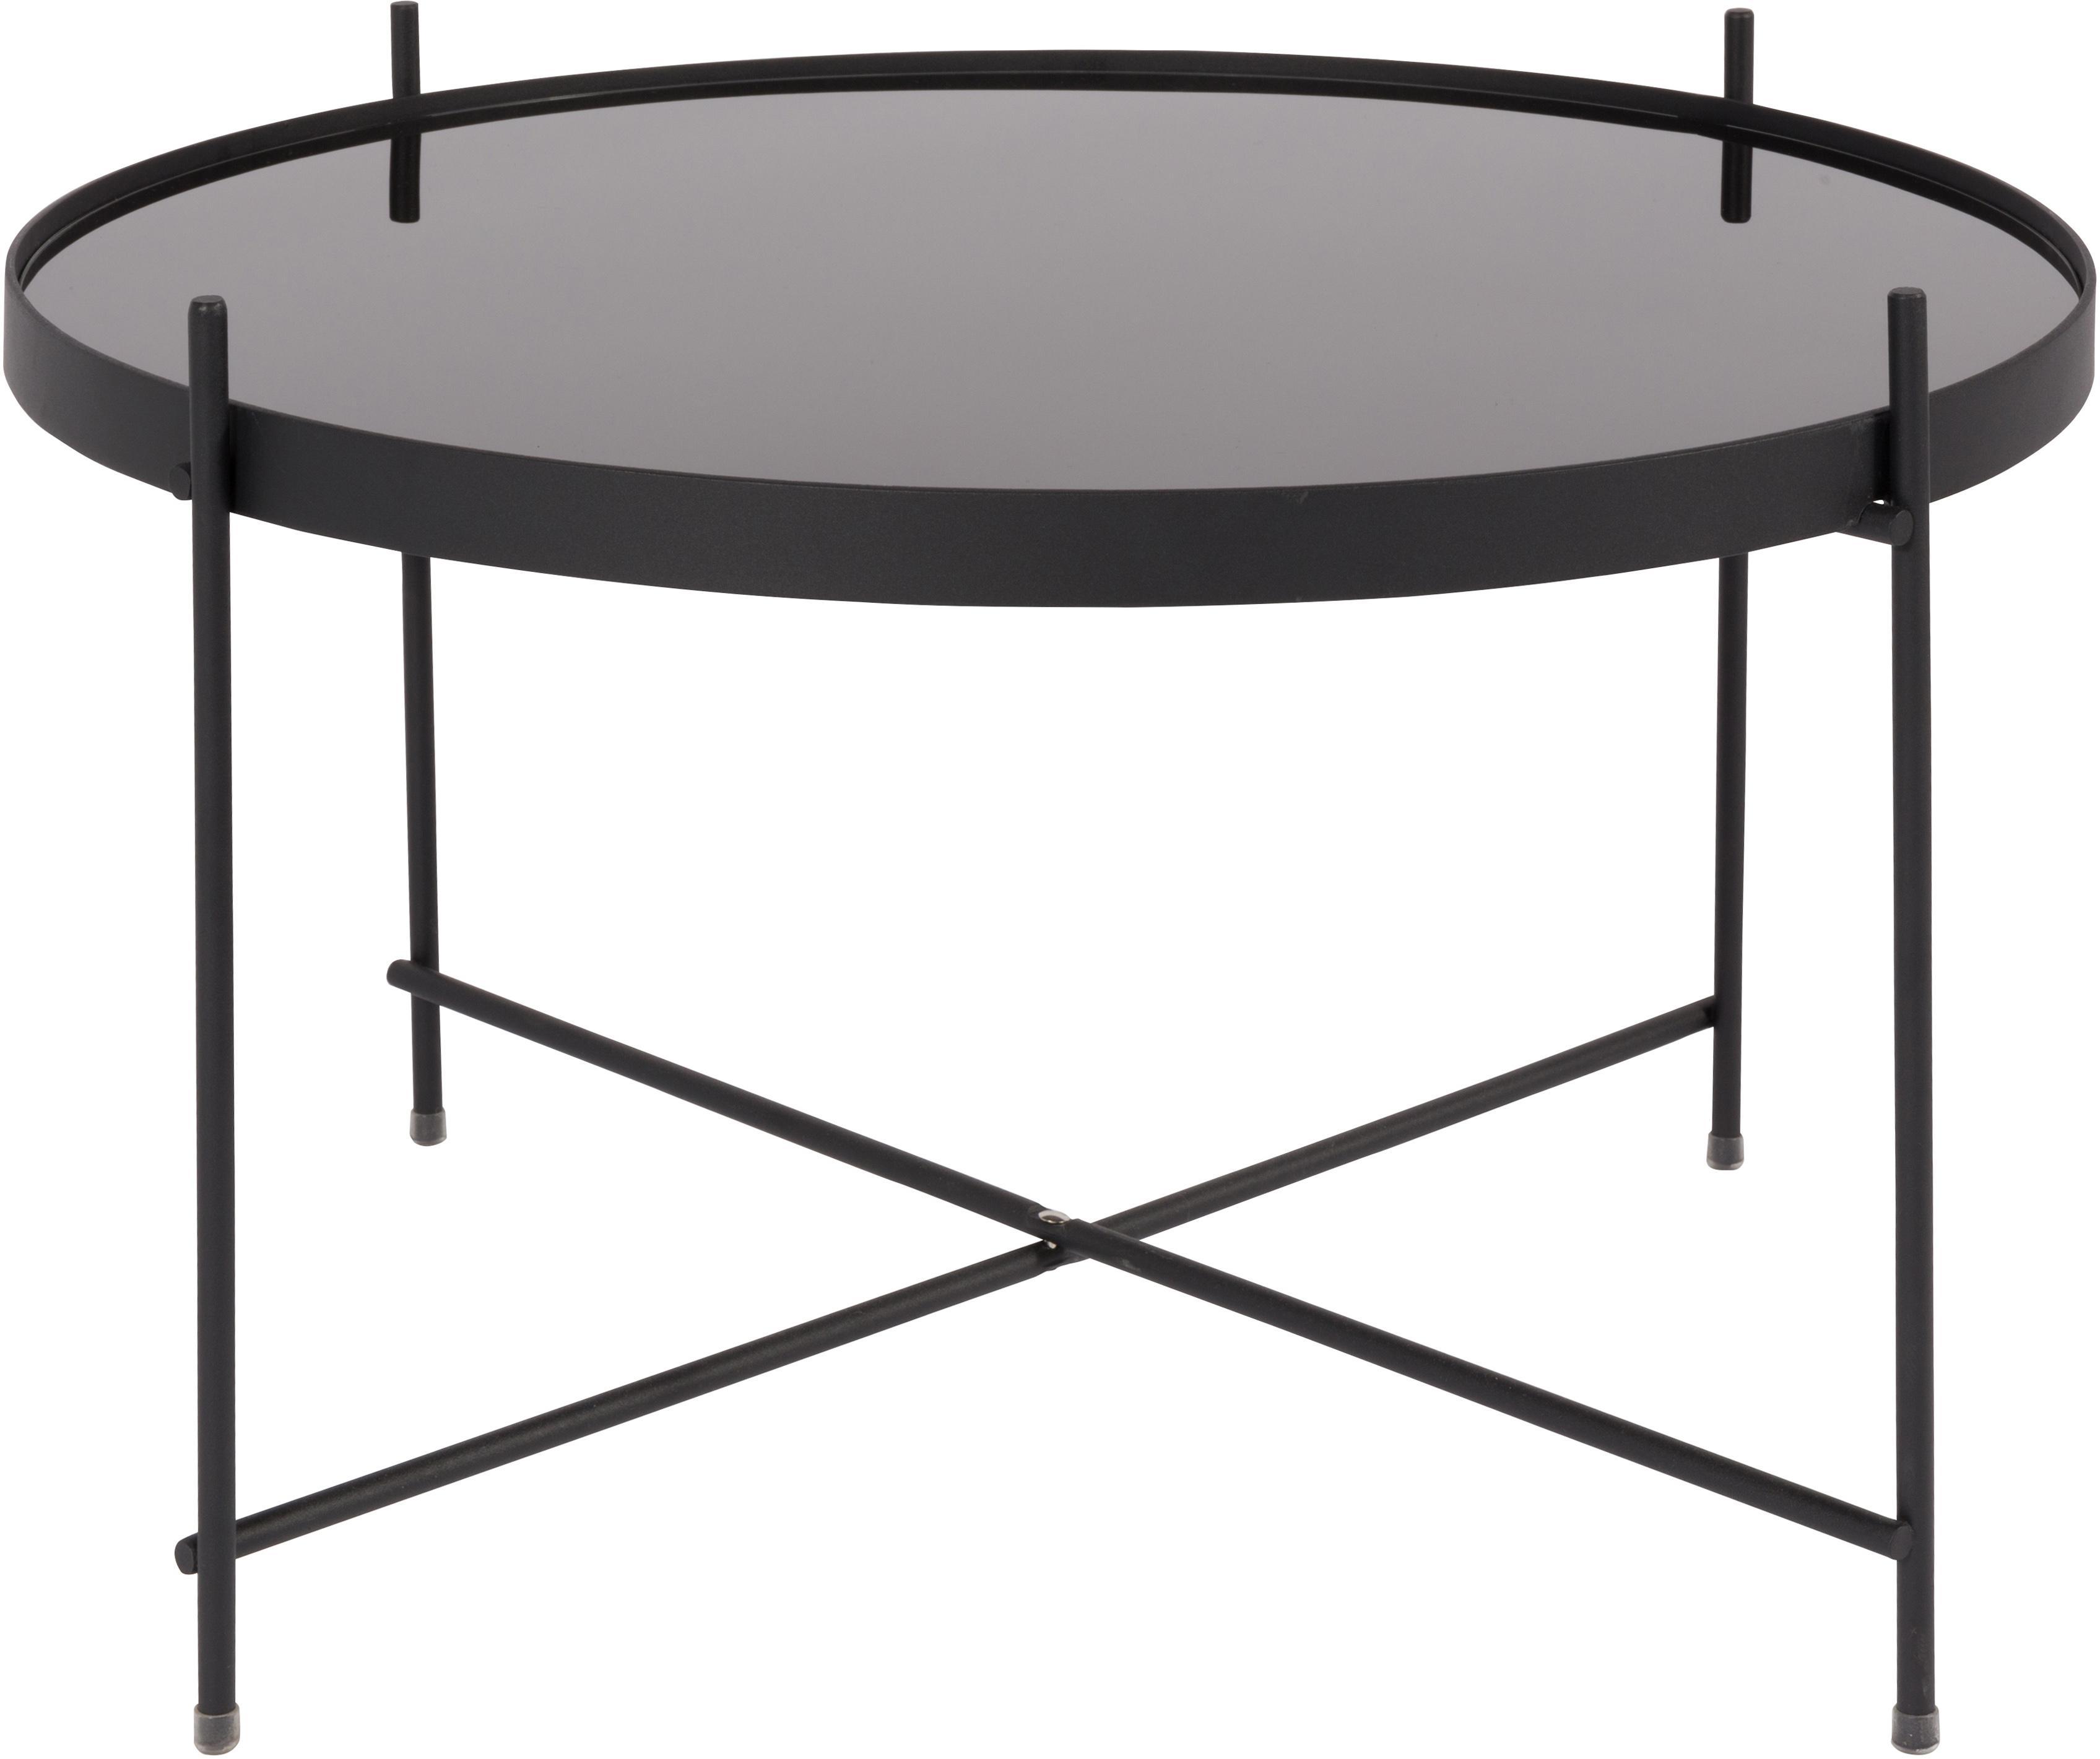 Tavolino da salotto con piano in vetro Cupid, Struttura: metallo verniciato a polv, Piano d'appoggio: vetro nero, Nero, Ø 63 x Alt. 40 cm